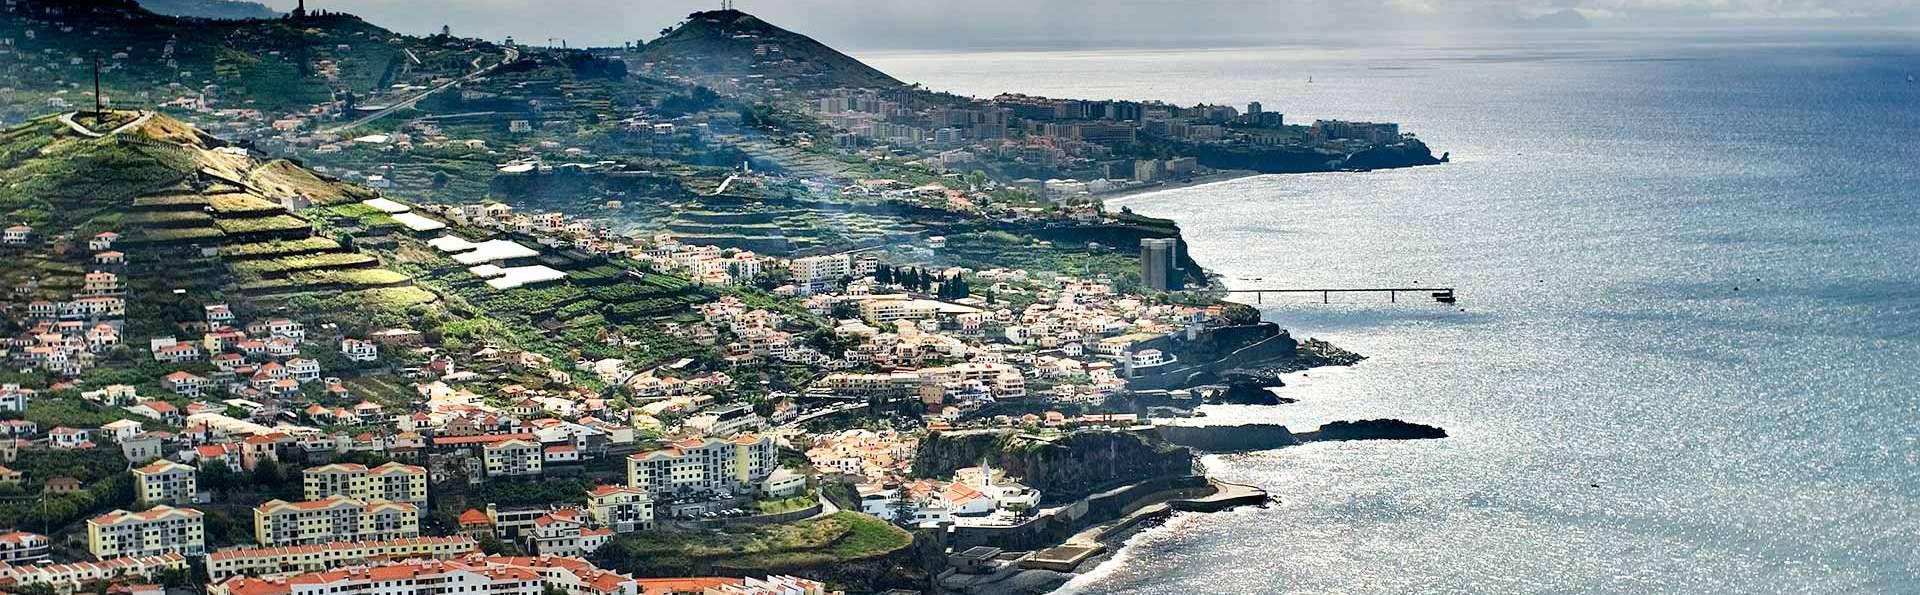 Especial Minivacaciones de lujo: Escapada con Media Pensión en la isla de Madeira (desde 3 noches)